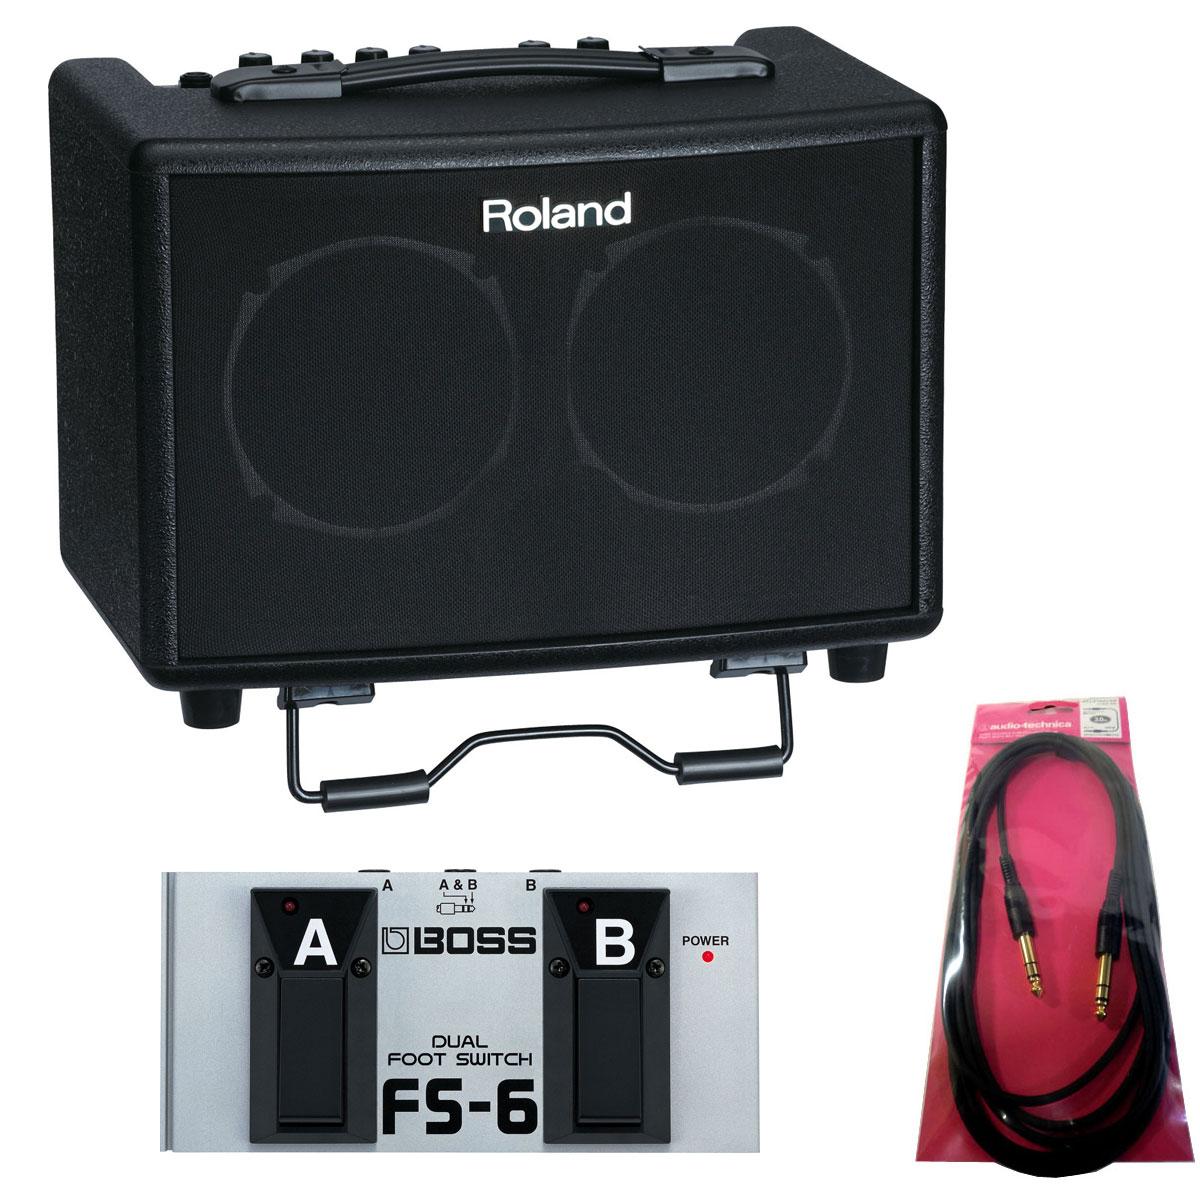 Roland / AC-33 Acoustic Chorus 【BOSS FS-6つき!】【シンプルセット】【アコースティックギター用アンプ/電池駆動可能】【15W+15W ステレオ仕様】 ローランド アコギアンプ【YRK】